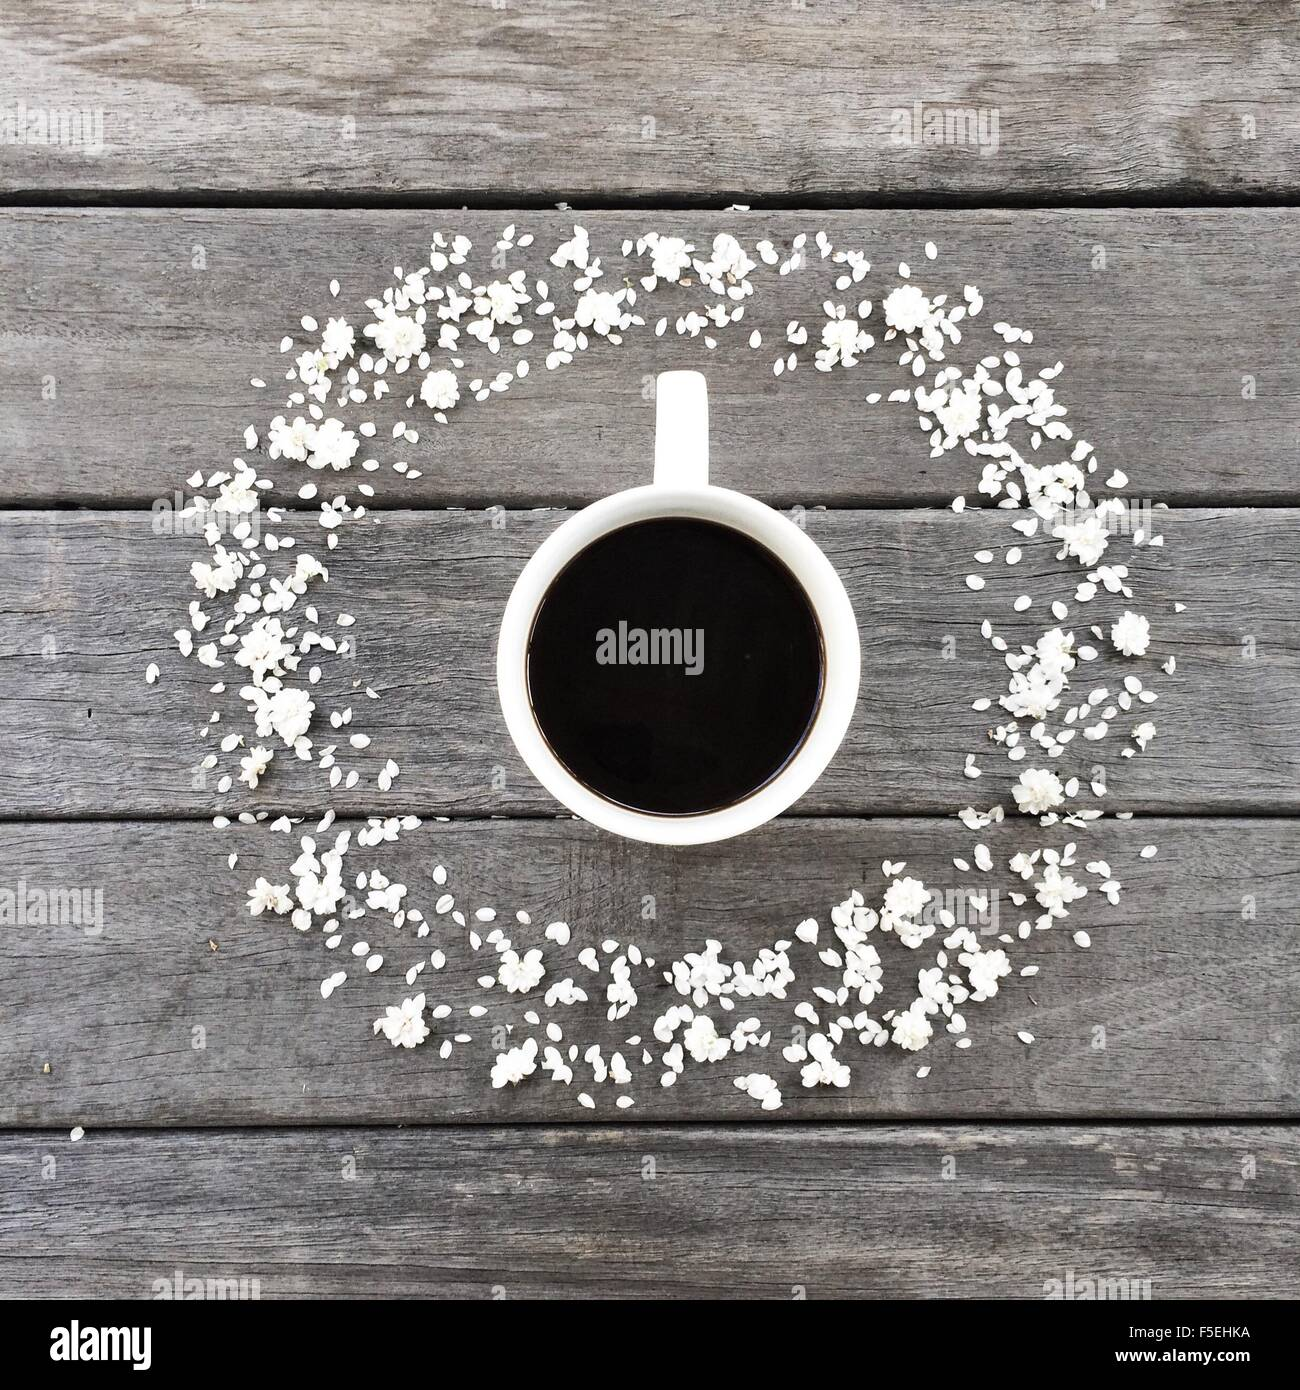 Taza de café rodeada por un círculo de pétalos de flores blancas Imagen De Stock